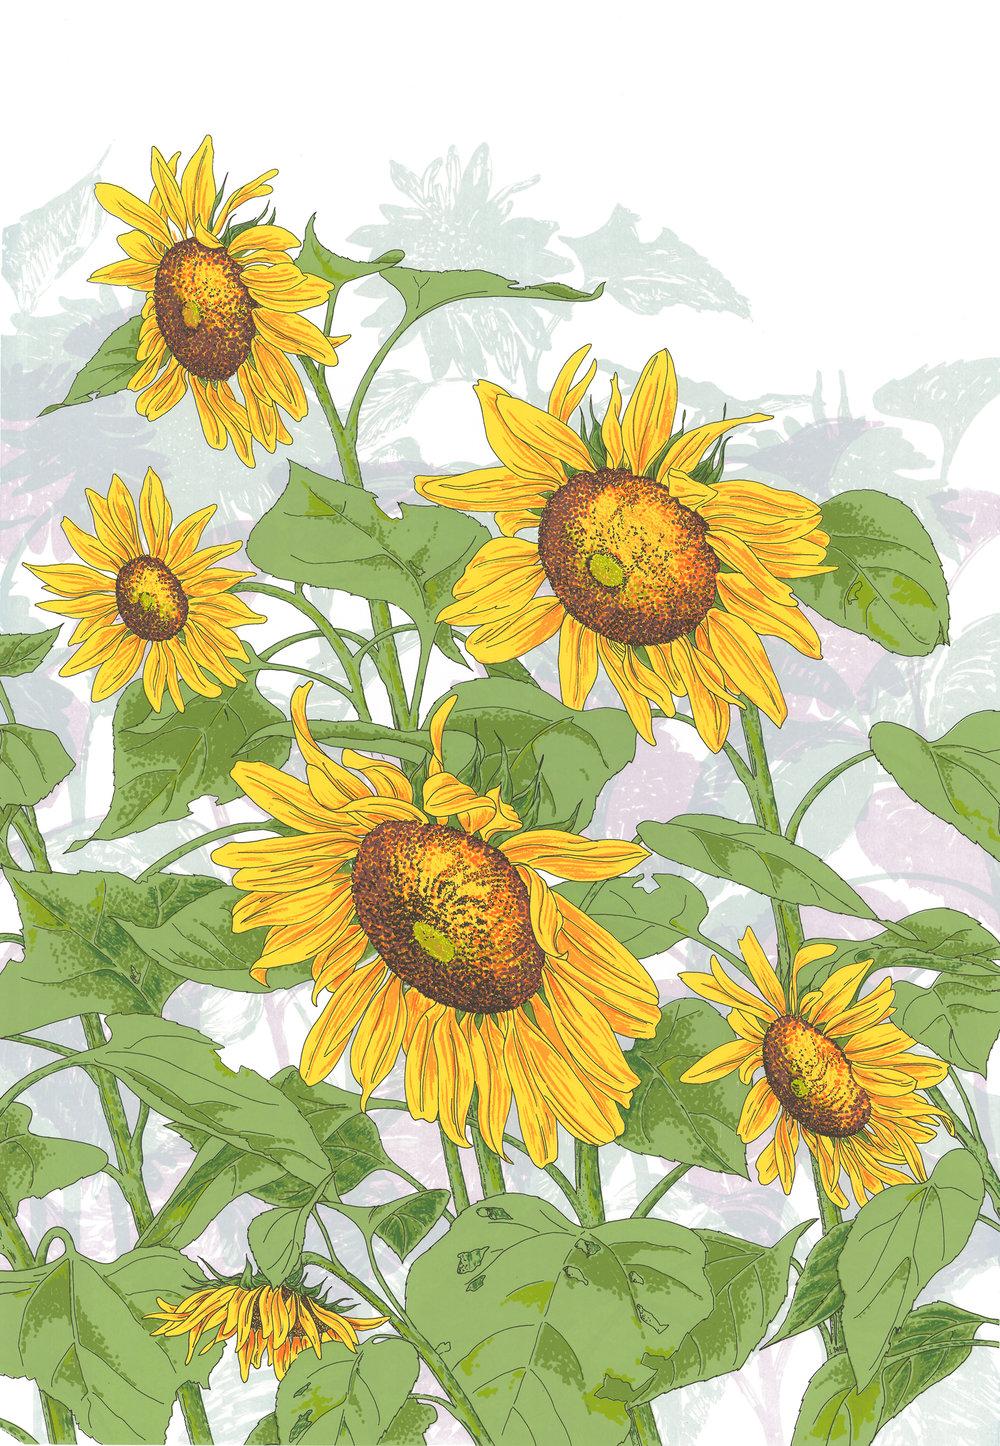 Sunflowers 3